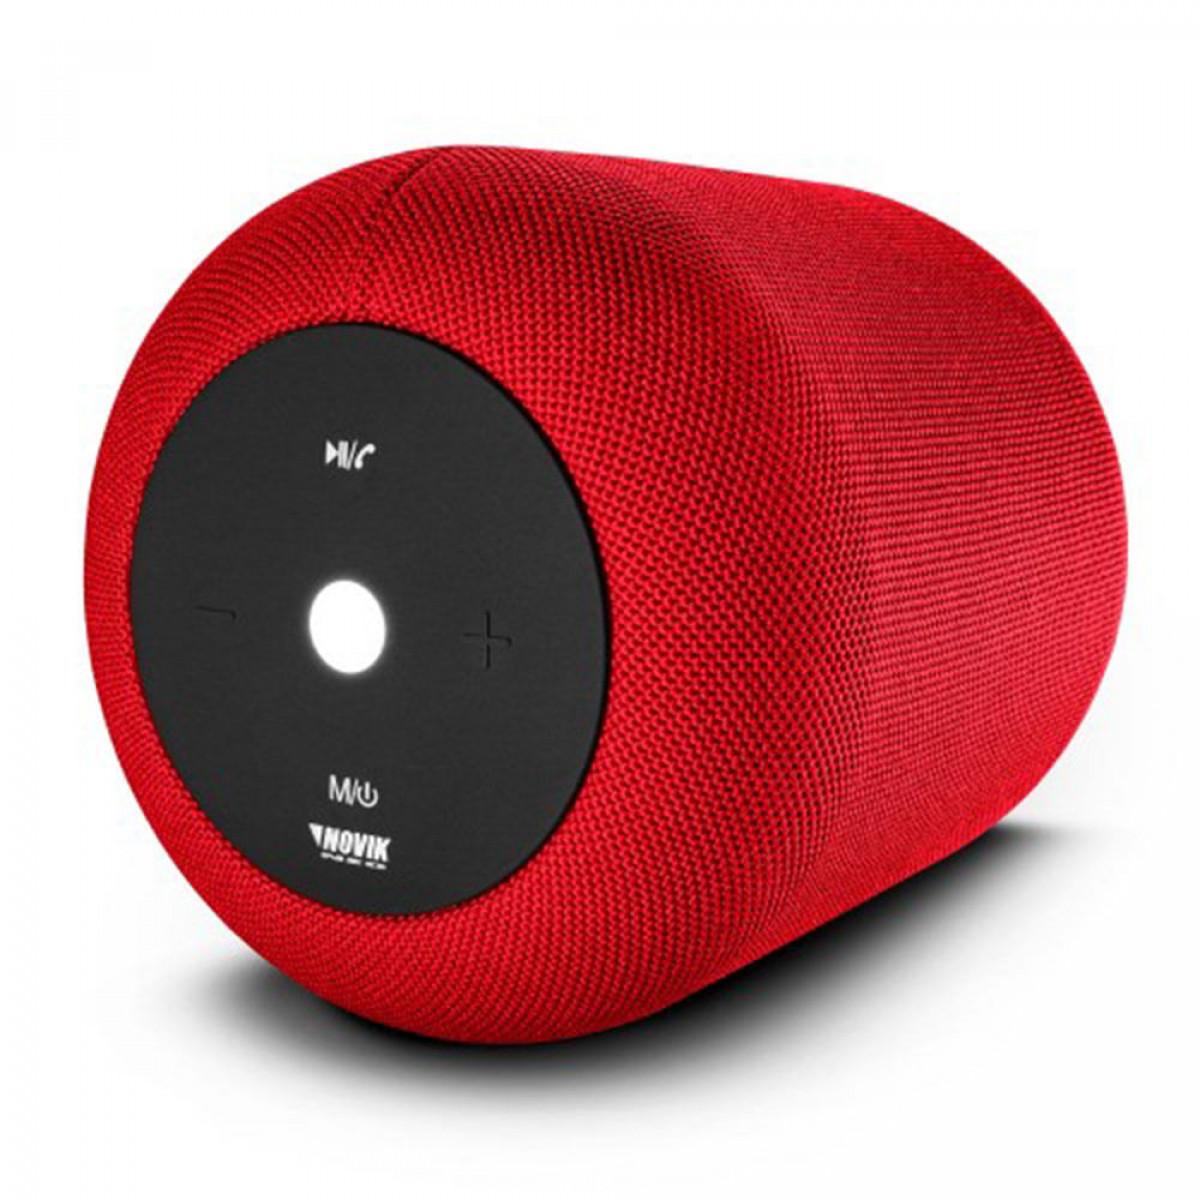 Caixa de Som Smart com Bluetooth e Bateria Novik Neo Start XL Vermelha